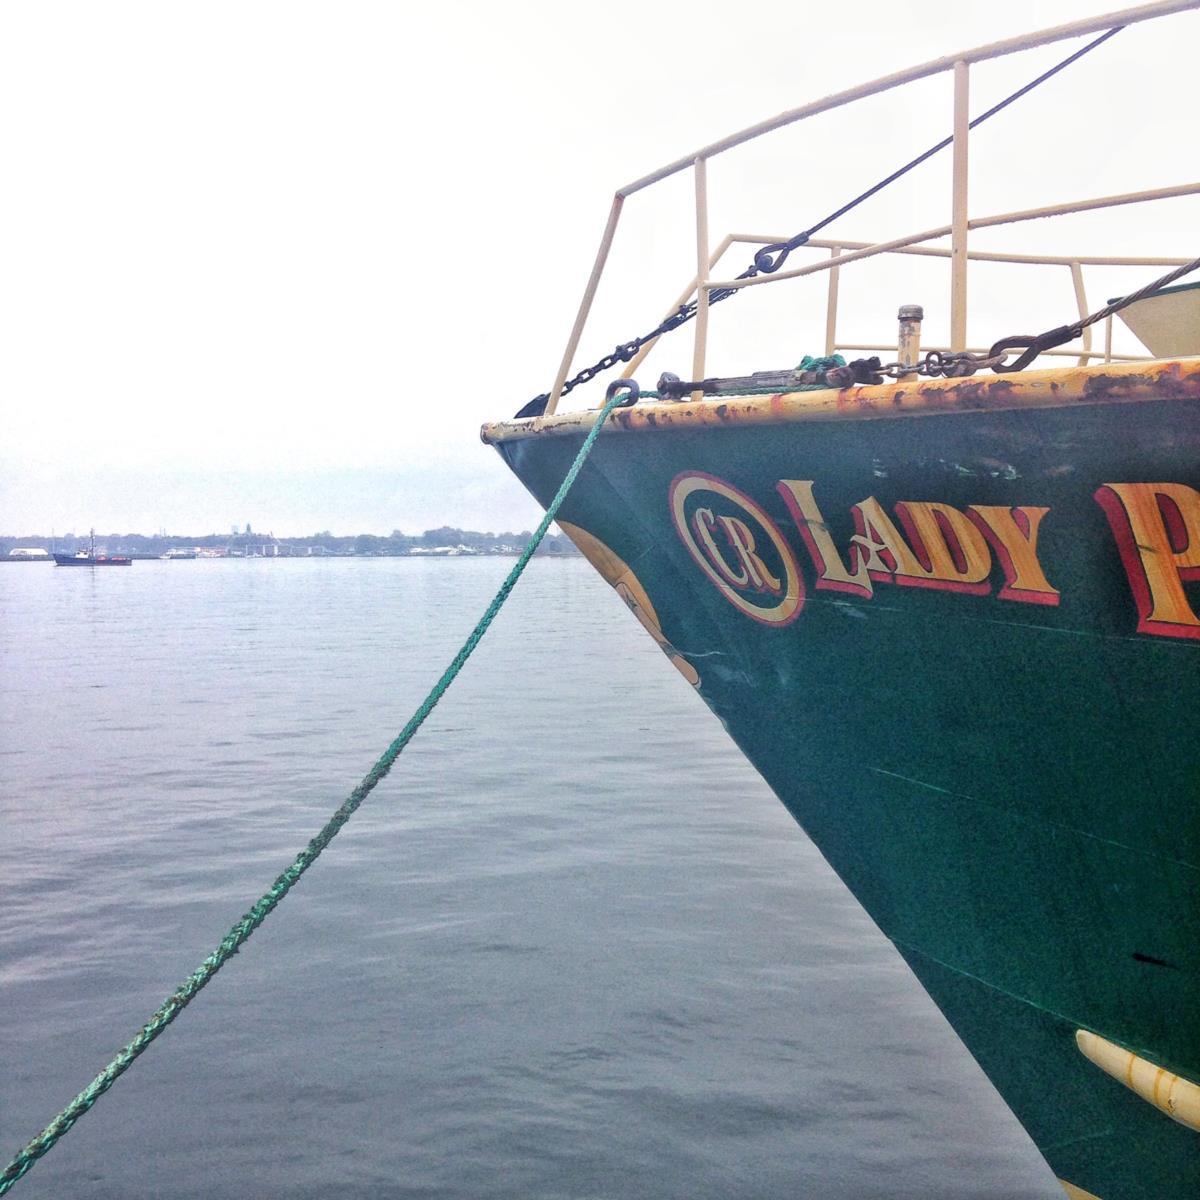 No porto de New Bedford há muitos barcos cujos nomes evocam Açores